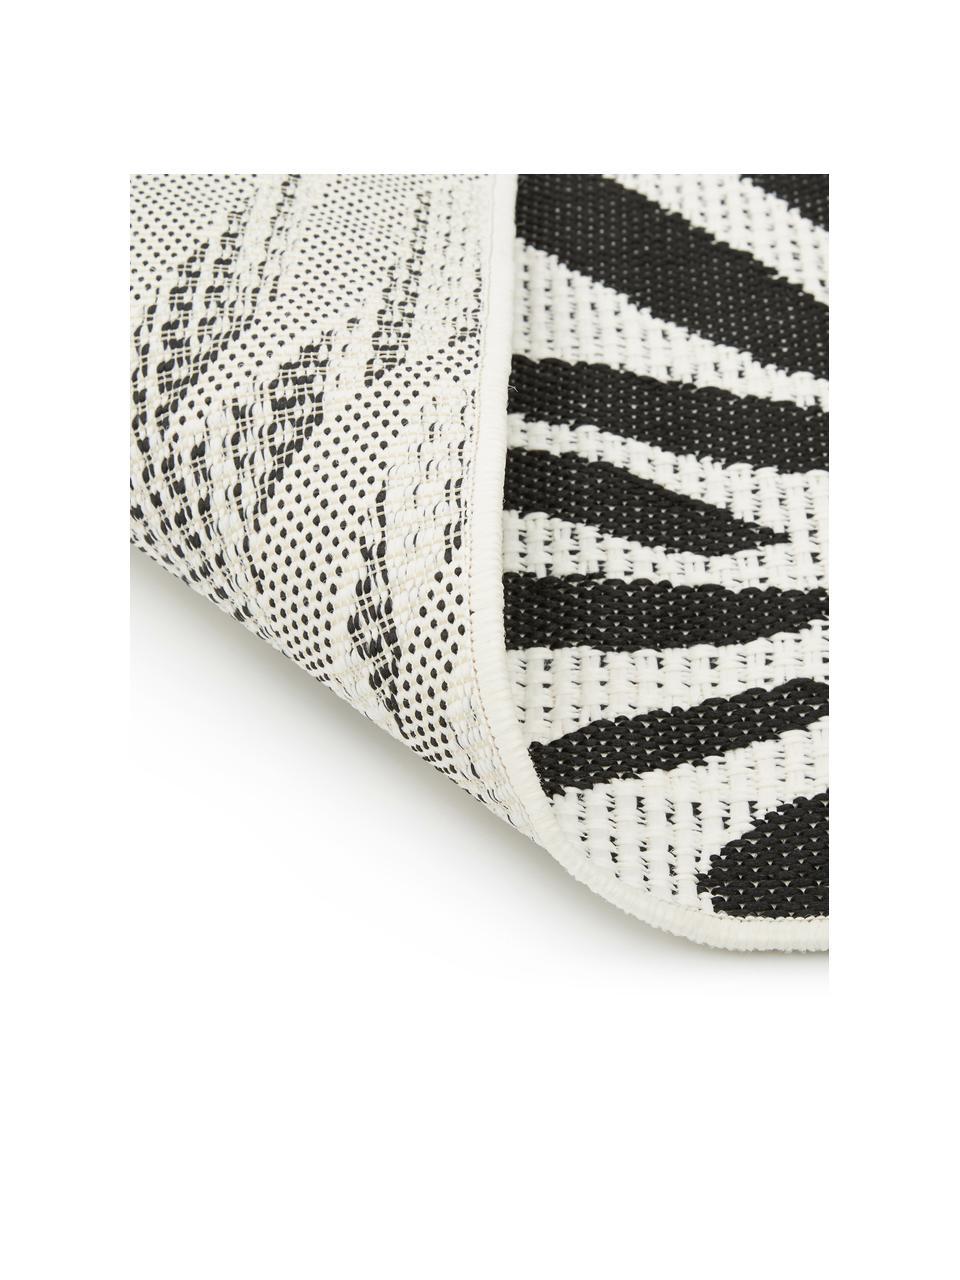 In- & Outdoor-Teppich Exotic mit Zebra Print, 86% Polypropylen, 14% Polyester, Cremeweiß, Schwarz, B 120 x L 170 cm (Größe S)